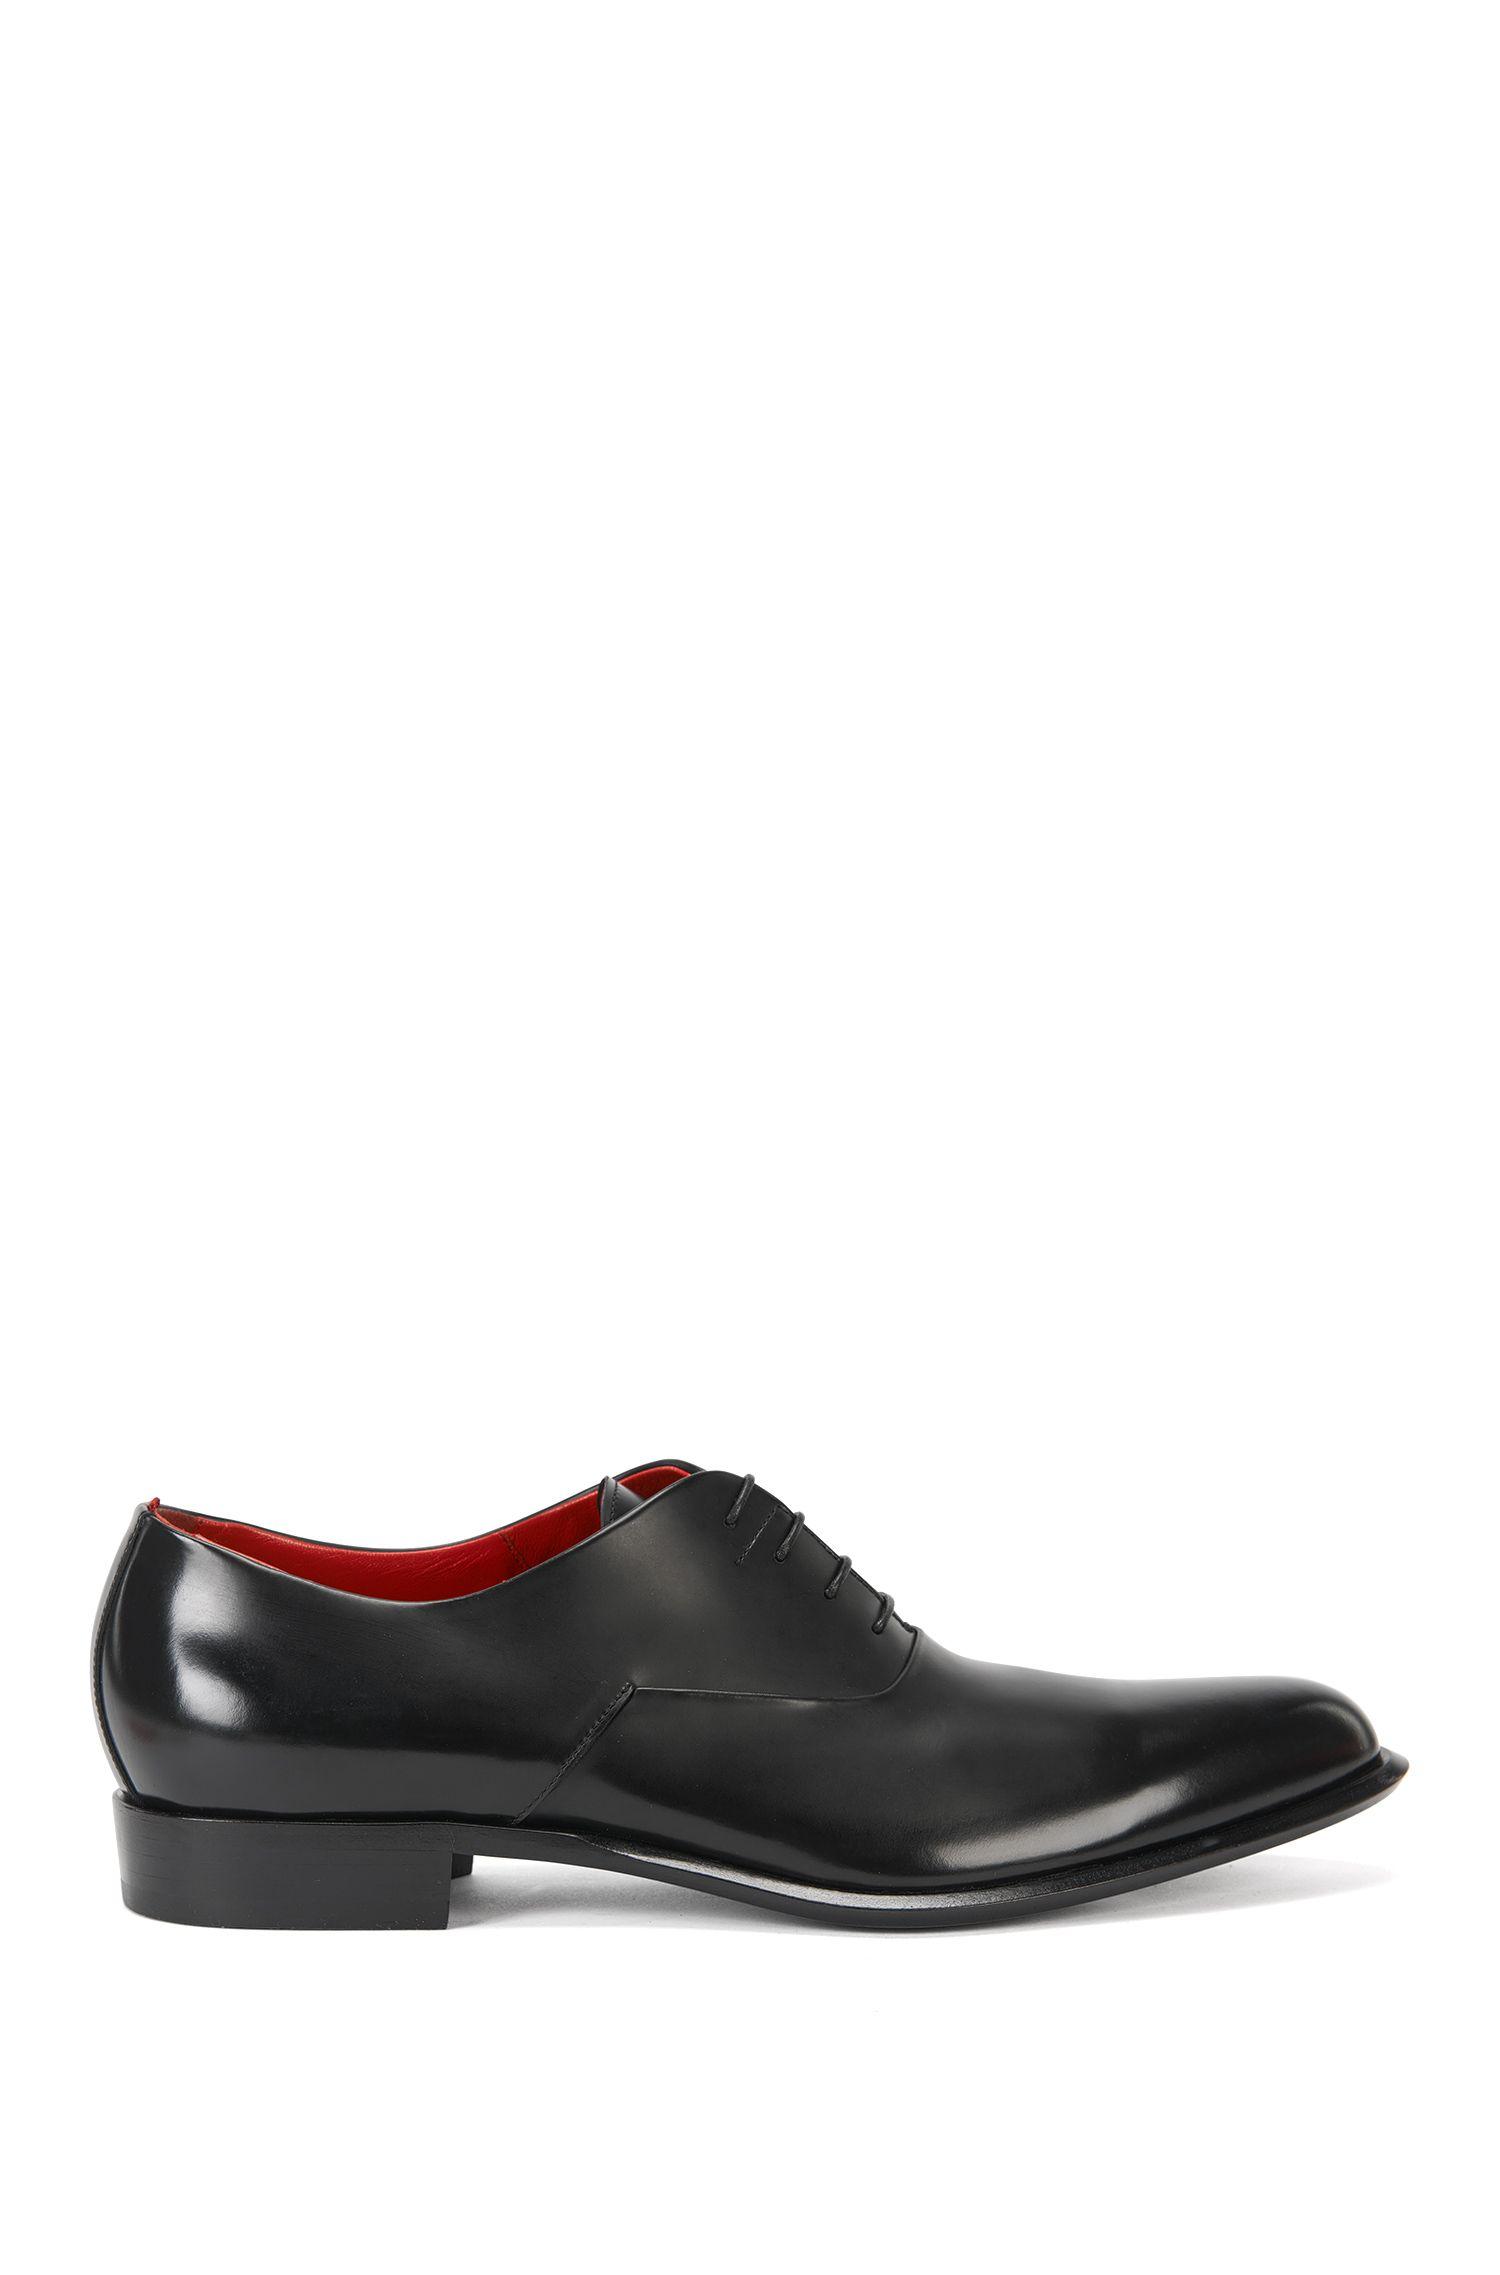 Chaussures Oxford en cuir noble, confectionnées en Italie